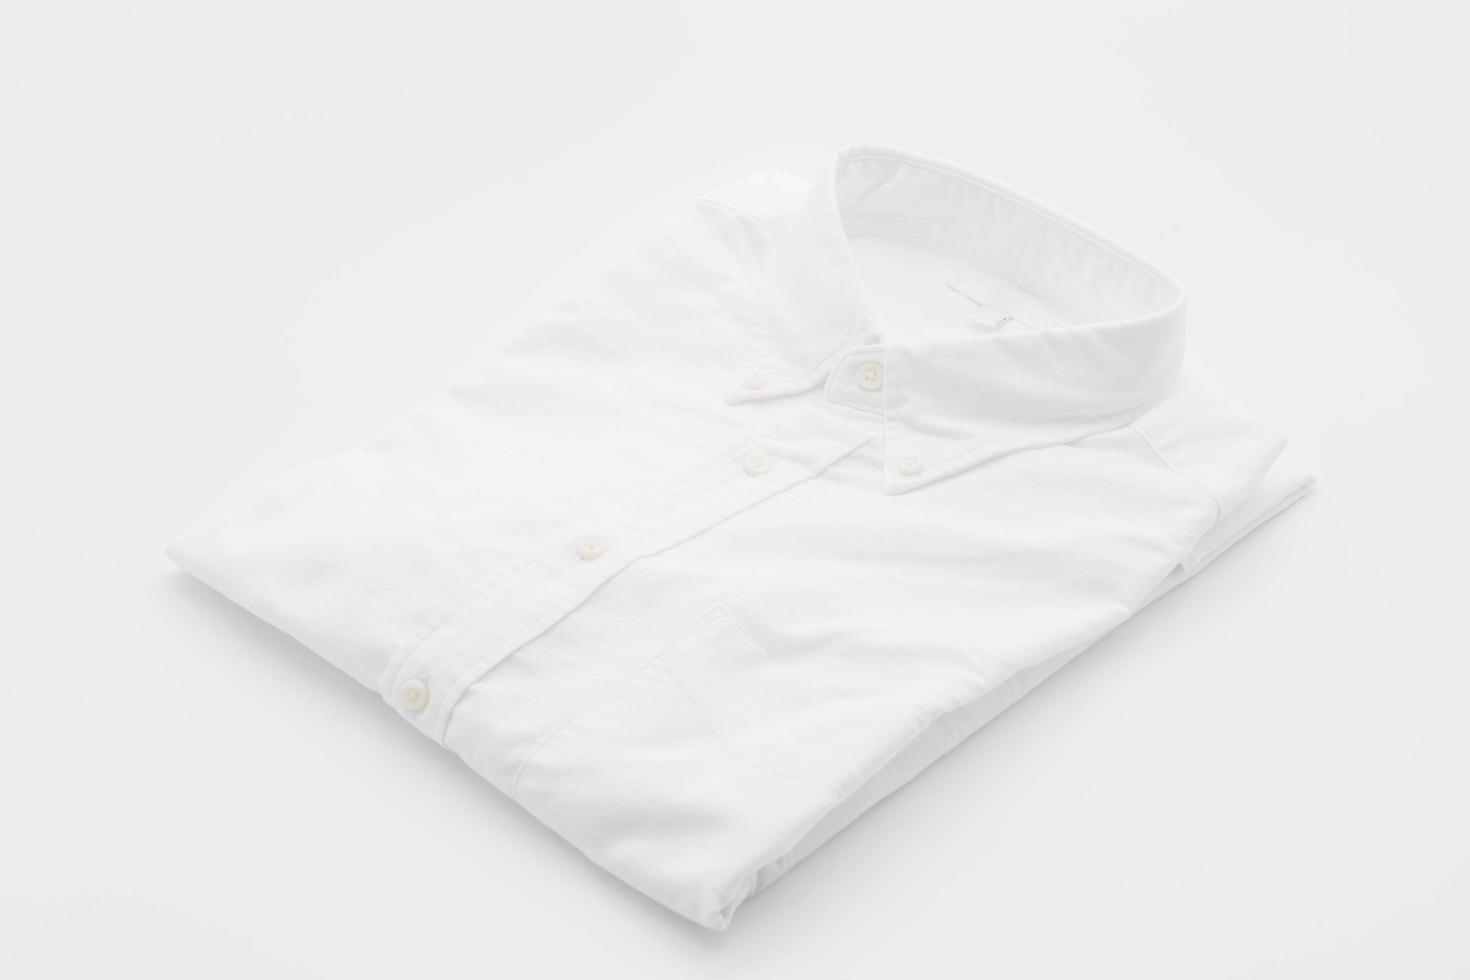 camisa blanca sobre blanco foto